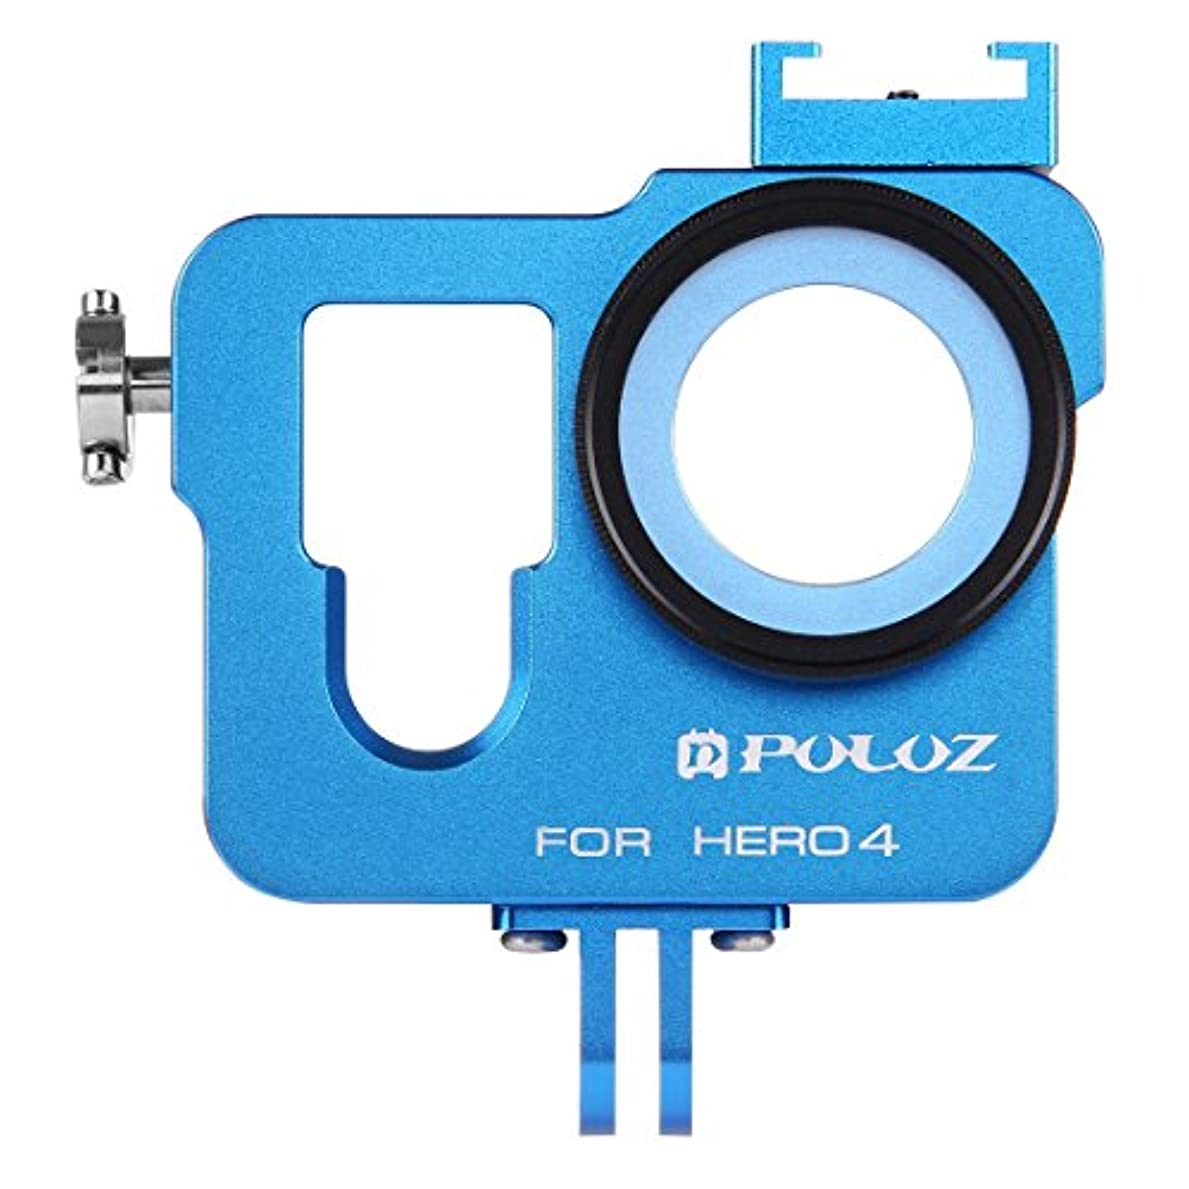 圧縮するインストラクター溶岩RAOFEIJP カメラ保護ケース 耐衝撃保護ケース ハウジングシェル37mm UVレンズフィルター&レンズキャップ付きCNCアルミニウム合金保護ケージ、GoPro HERO4 (色 : Blue)